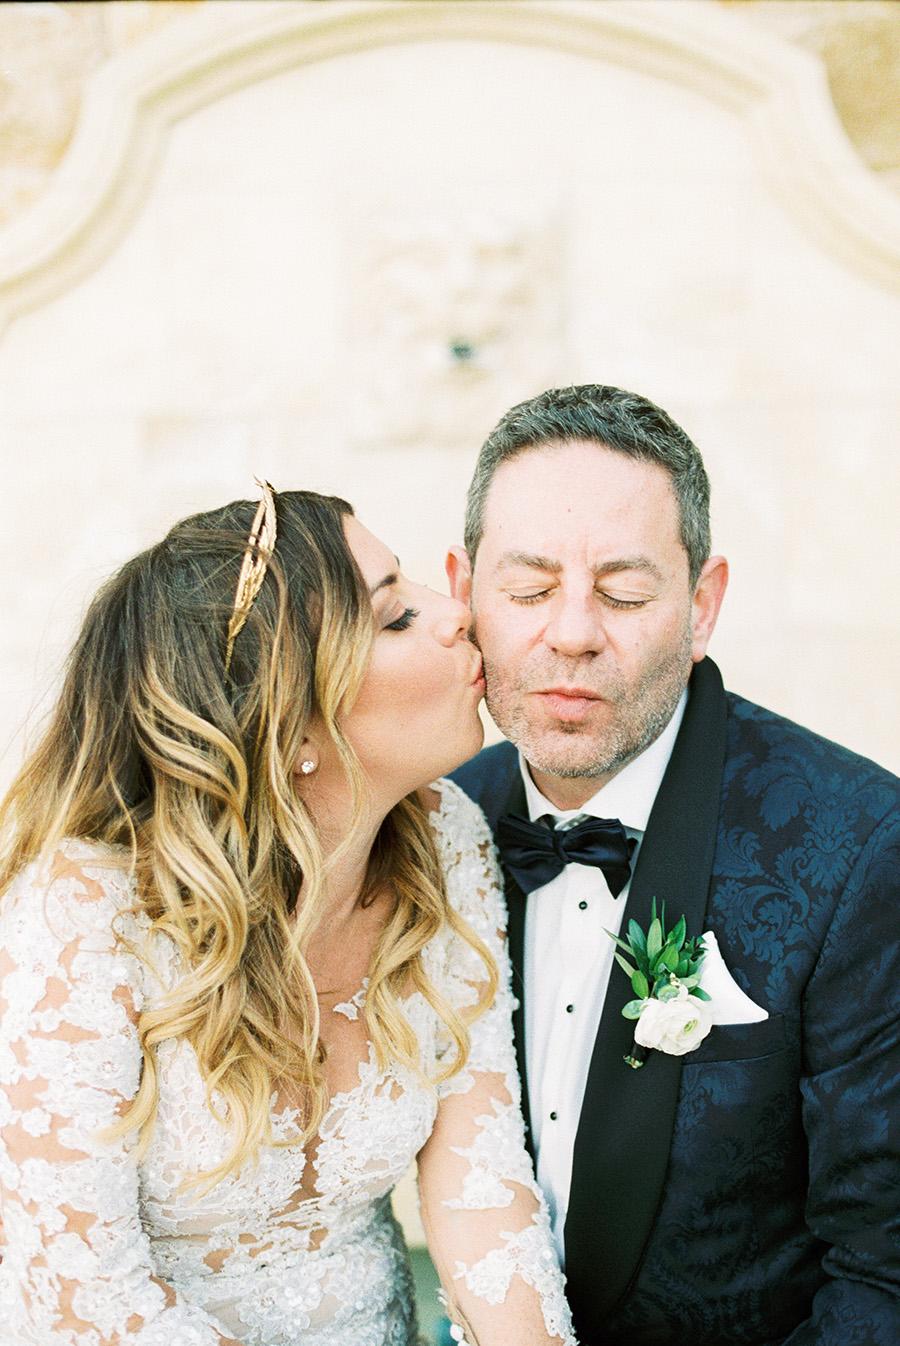 SALLY PINERA_MALIBU ROCKY OAKS WEDDING PHOTOGRAPHY_MALIBU_MARISSA AND PAUL-307.jpg